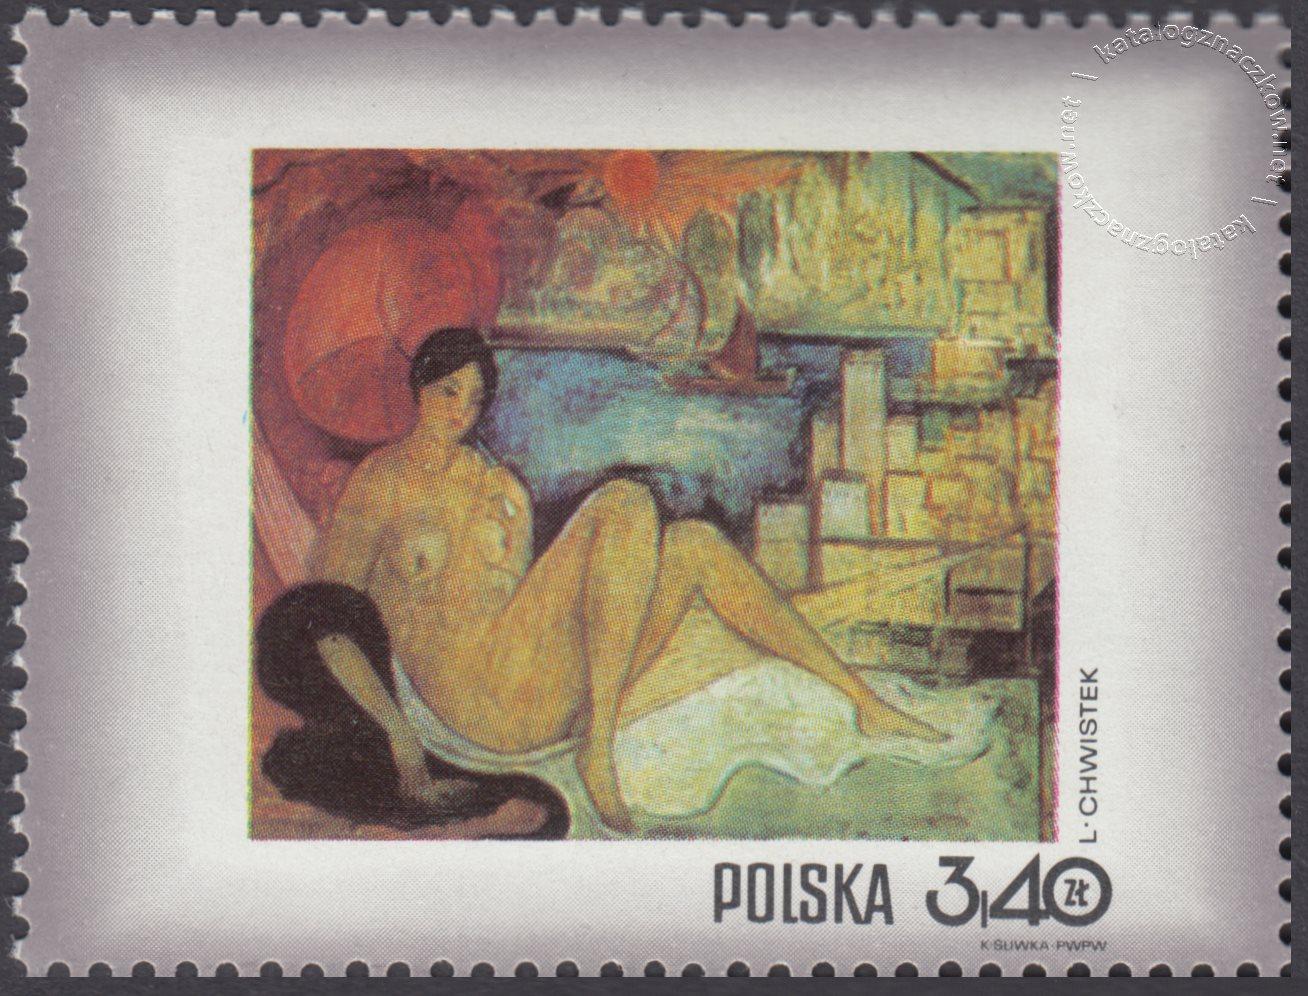 Dzień Znaczka – kobieta w malarstwie polskim znaczek nr 1967